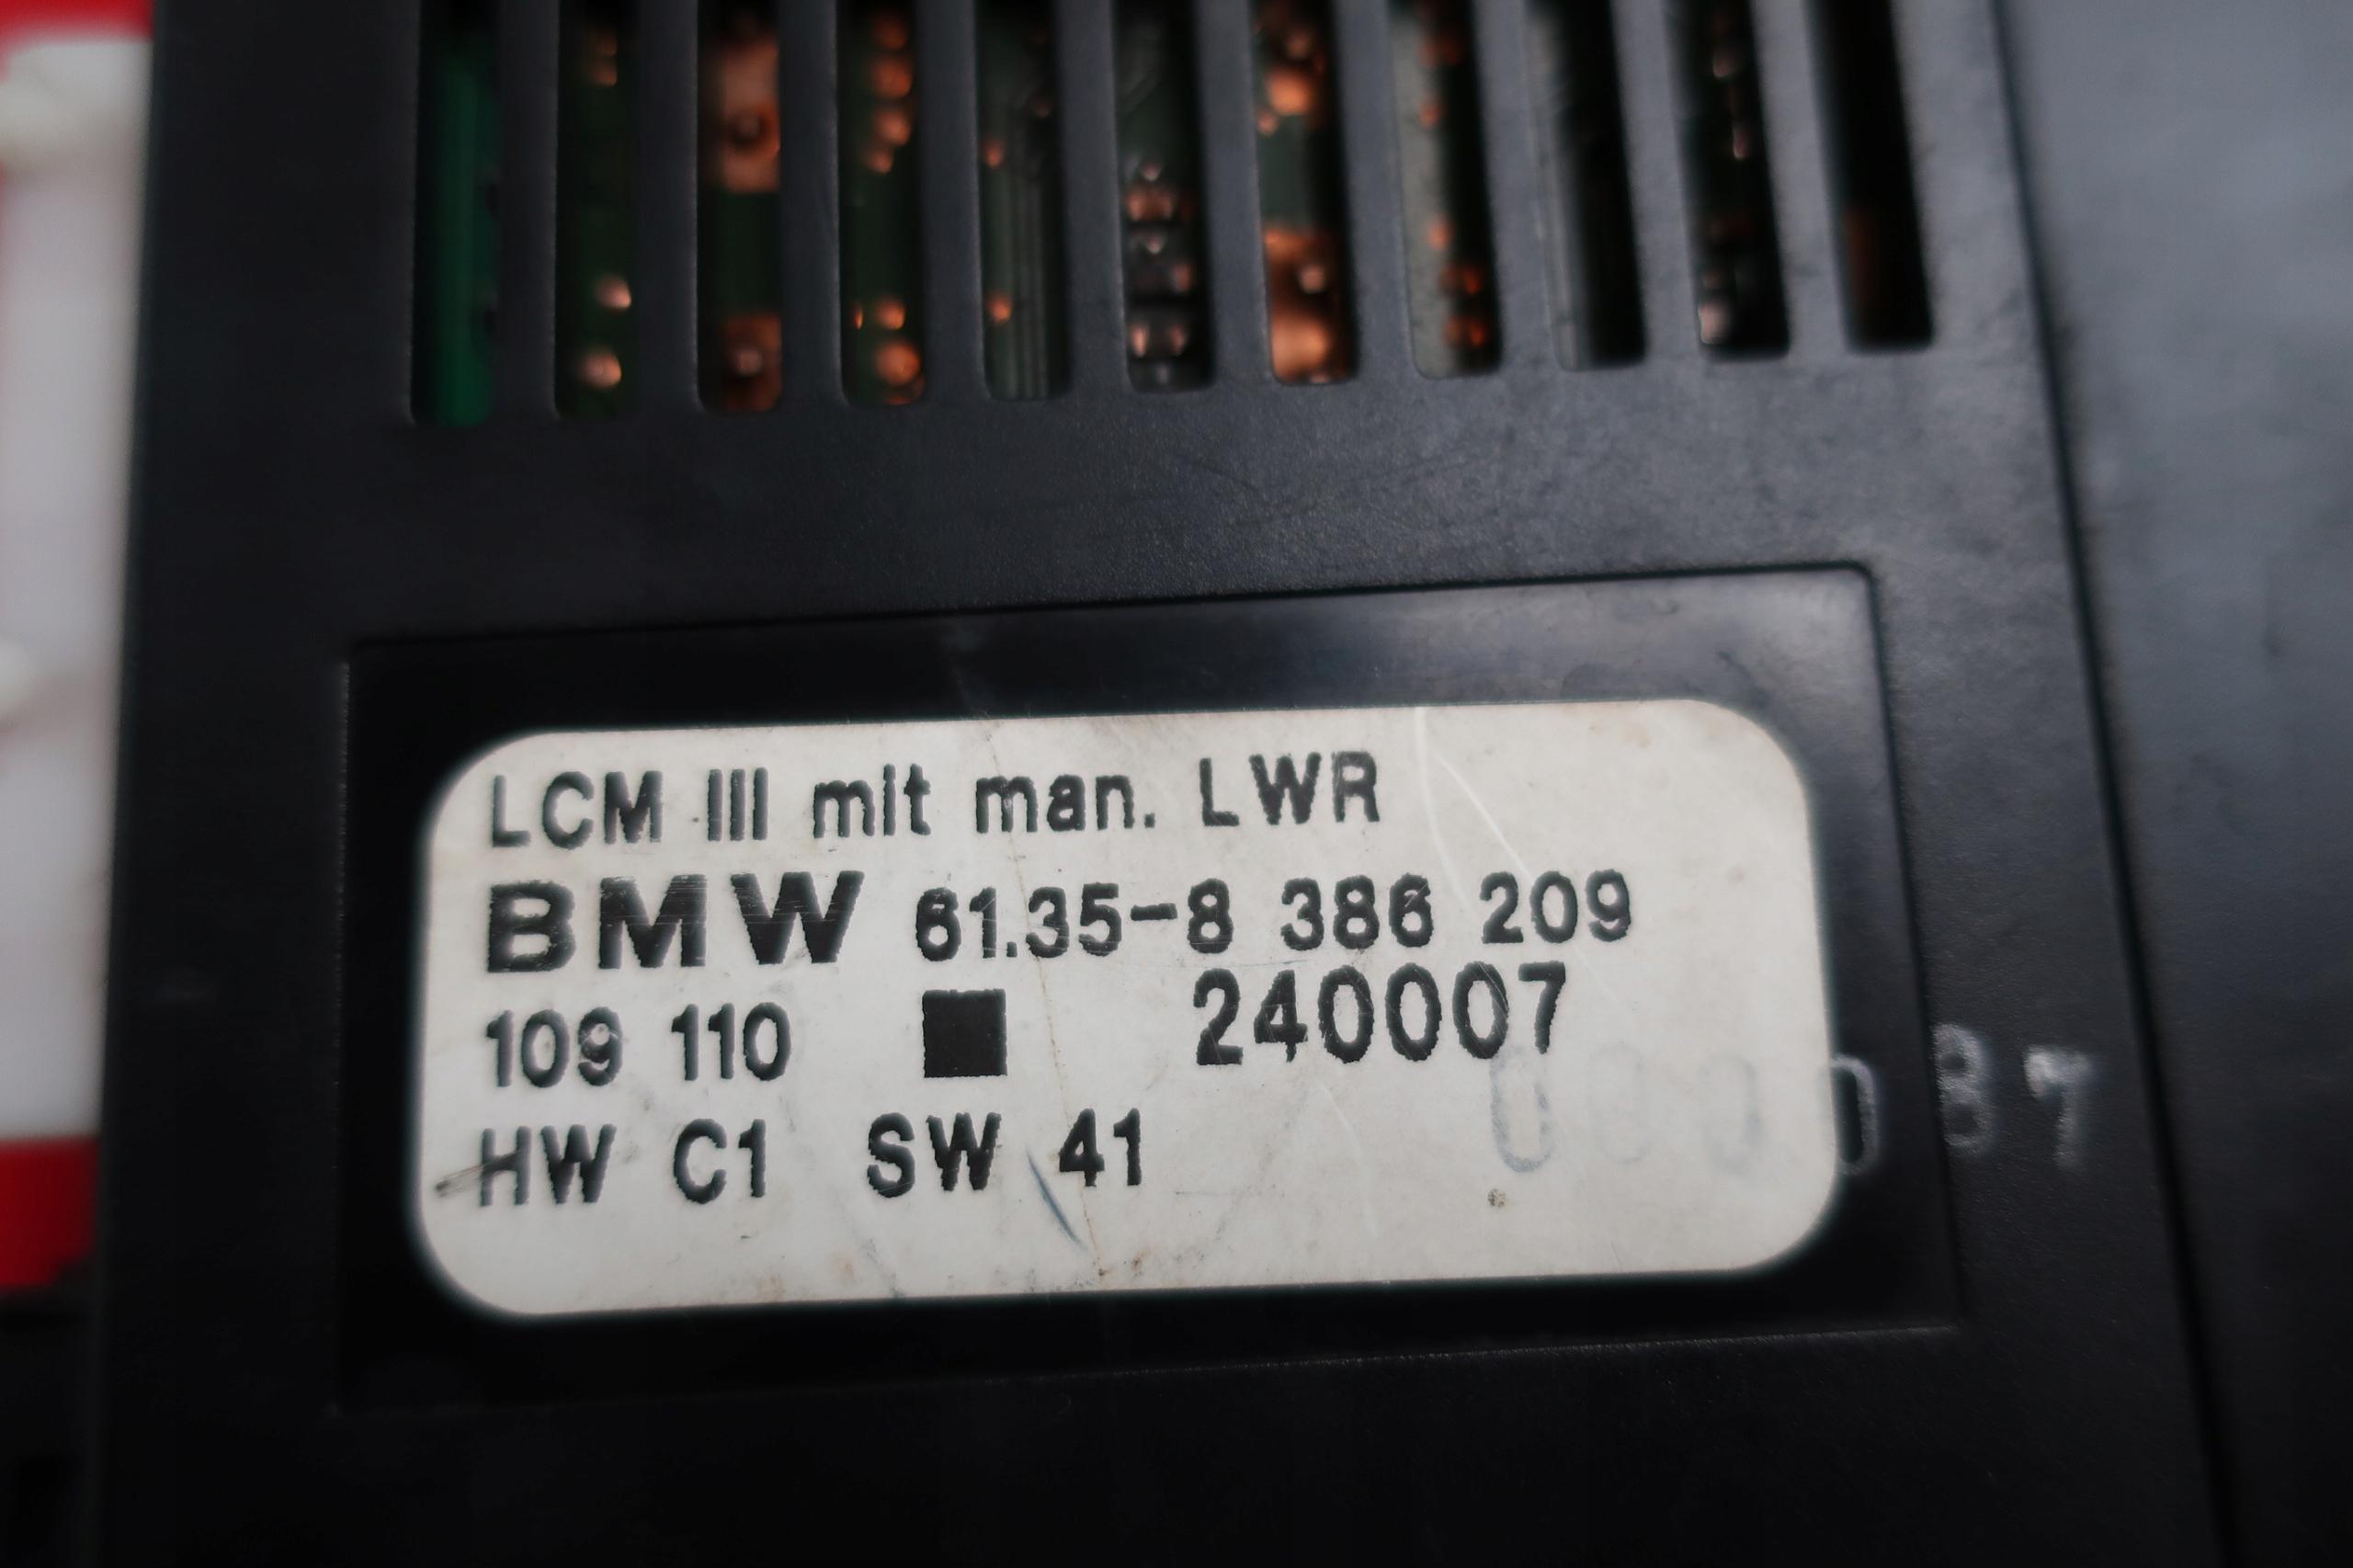 модуль Света lcm bmw e38 e39 lift ксенон 8386209